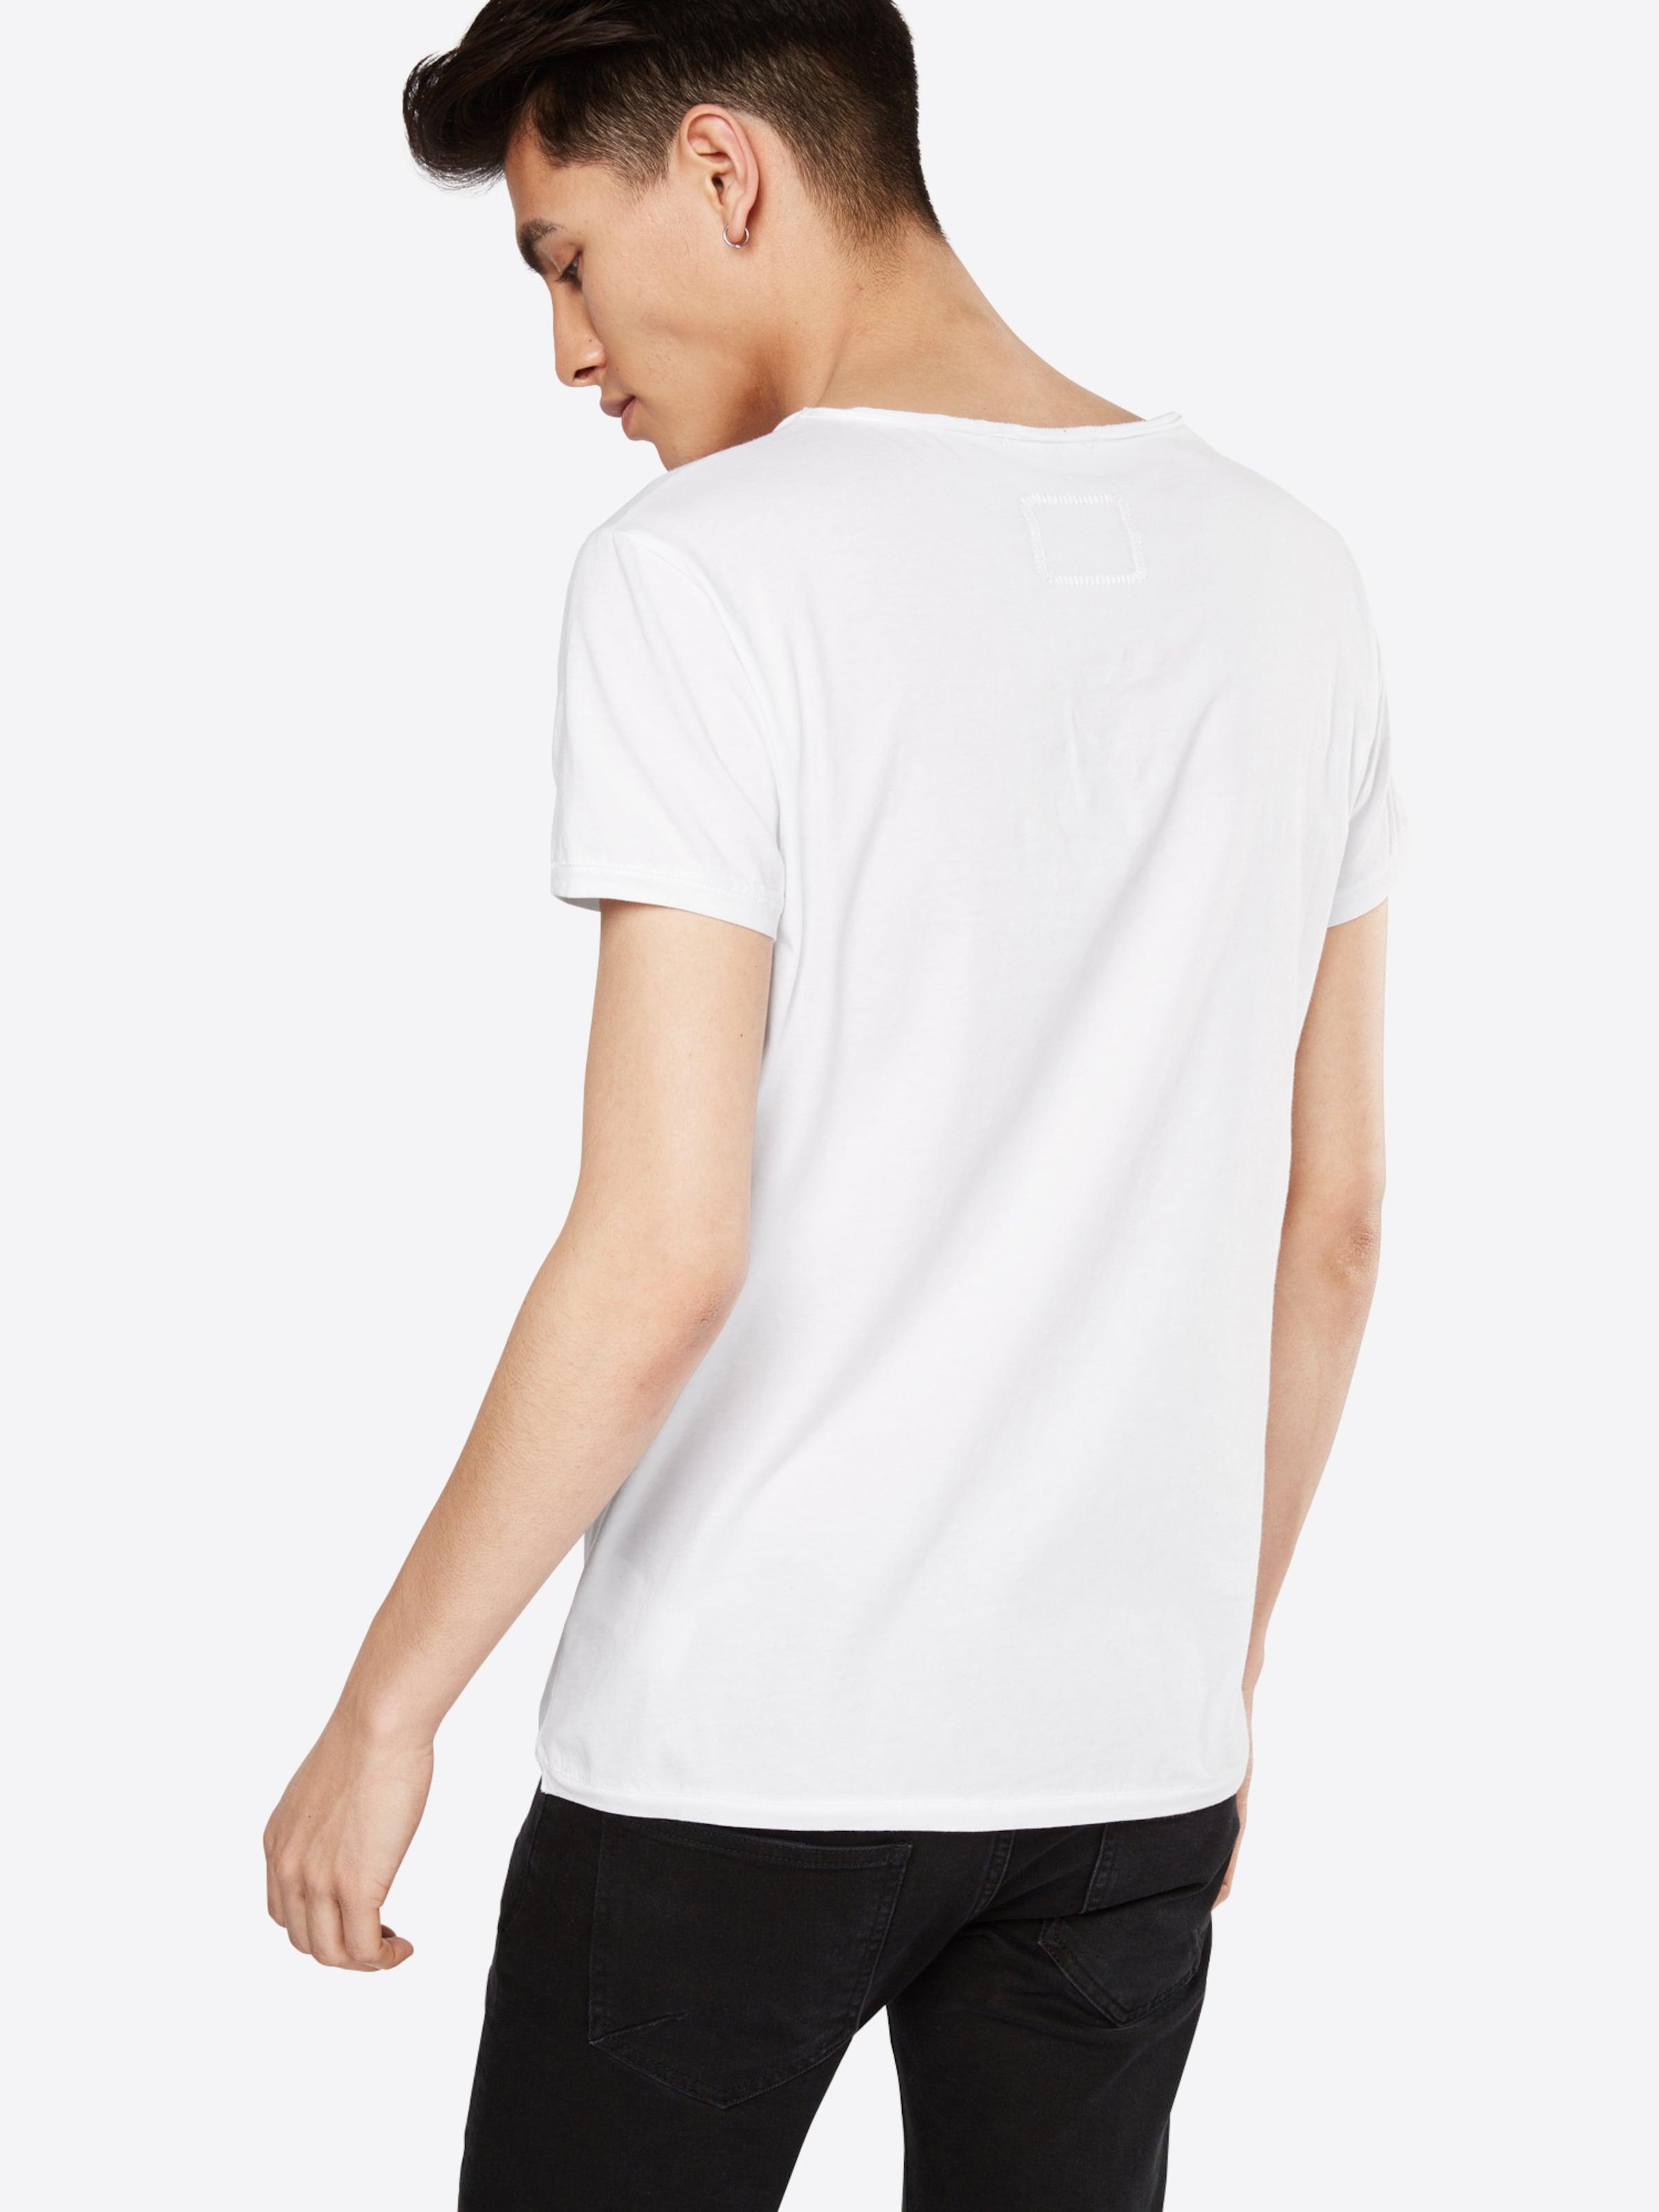 ausschnitt Mit 'malik' Shirt Weiß In Tigha V 80mNnvw